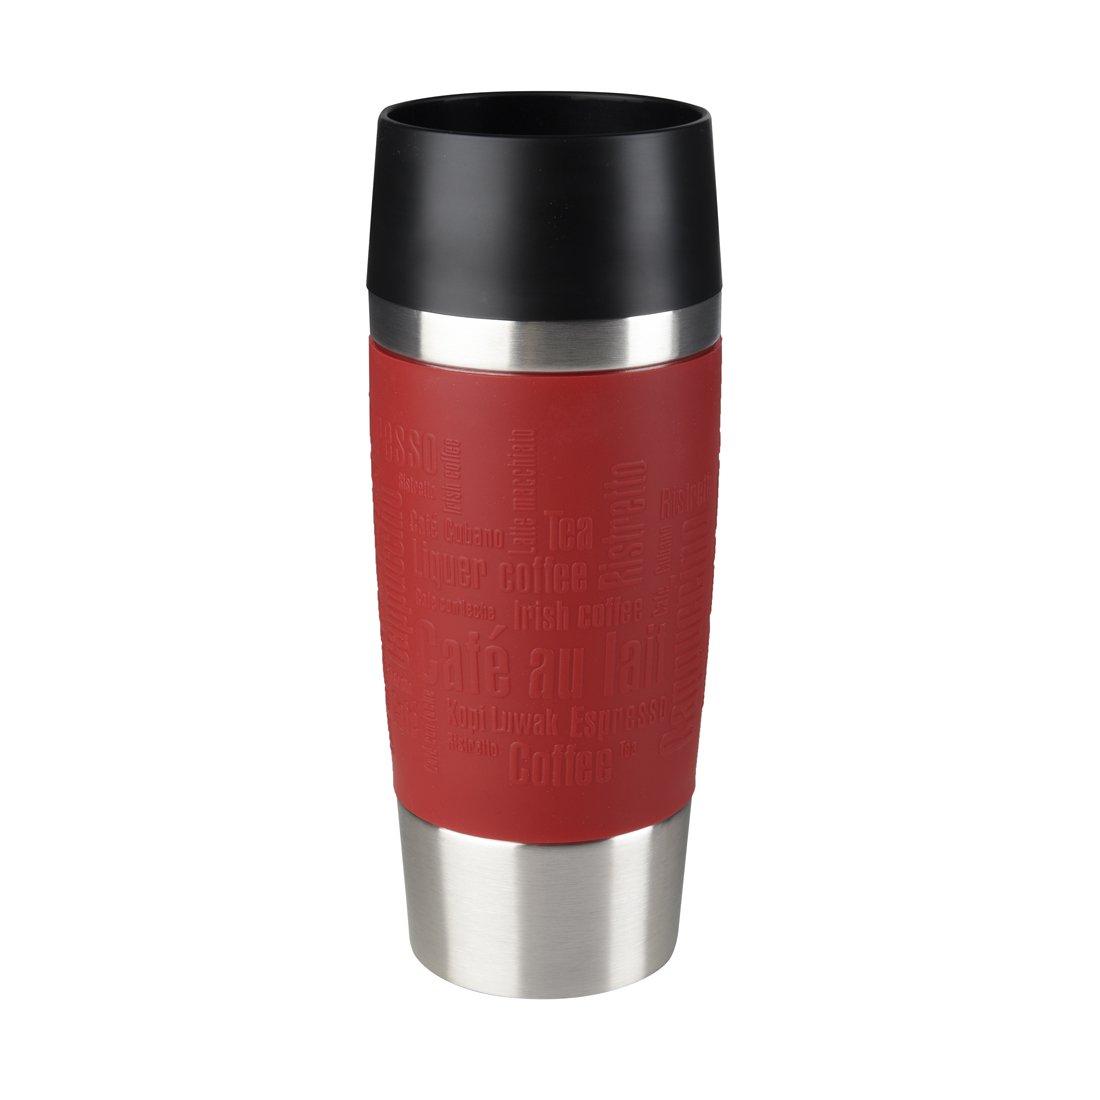 Emsa Travel Mug - Taza térmica de 0,36 l, mantiene calor 4 h y frío 8 h, acero inoxidable con base antideslizante y zona de agarre de silicona con letras ...